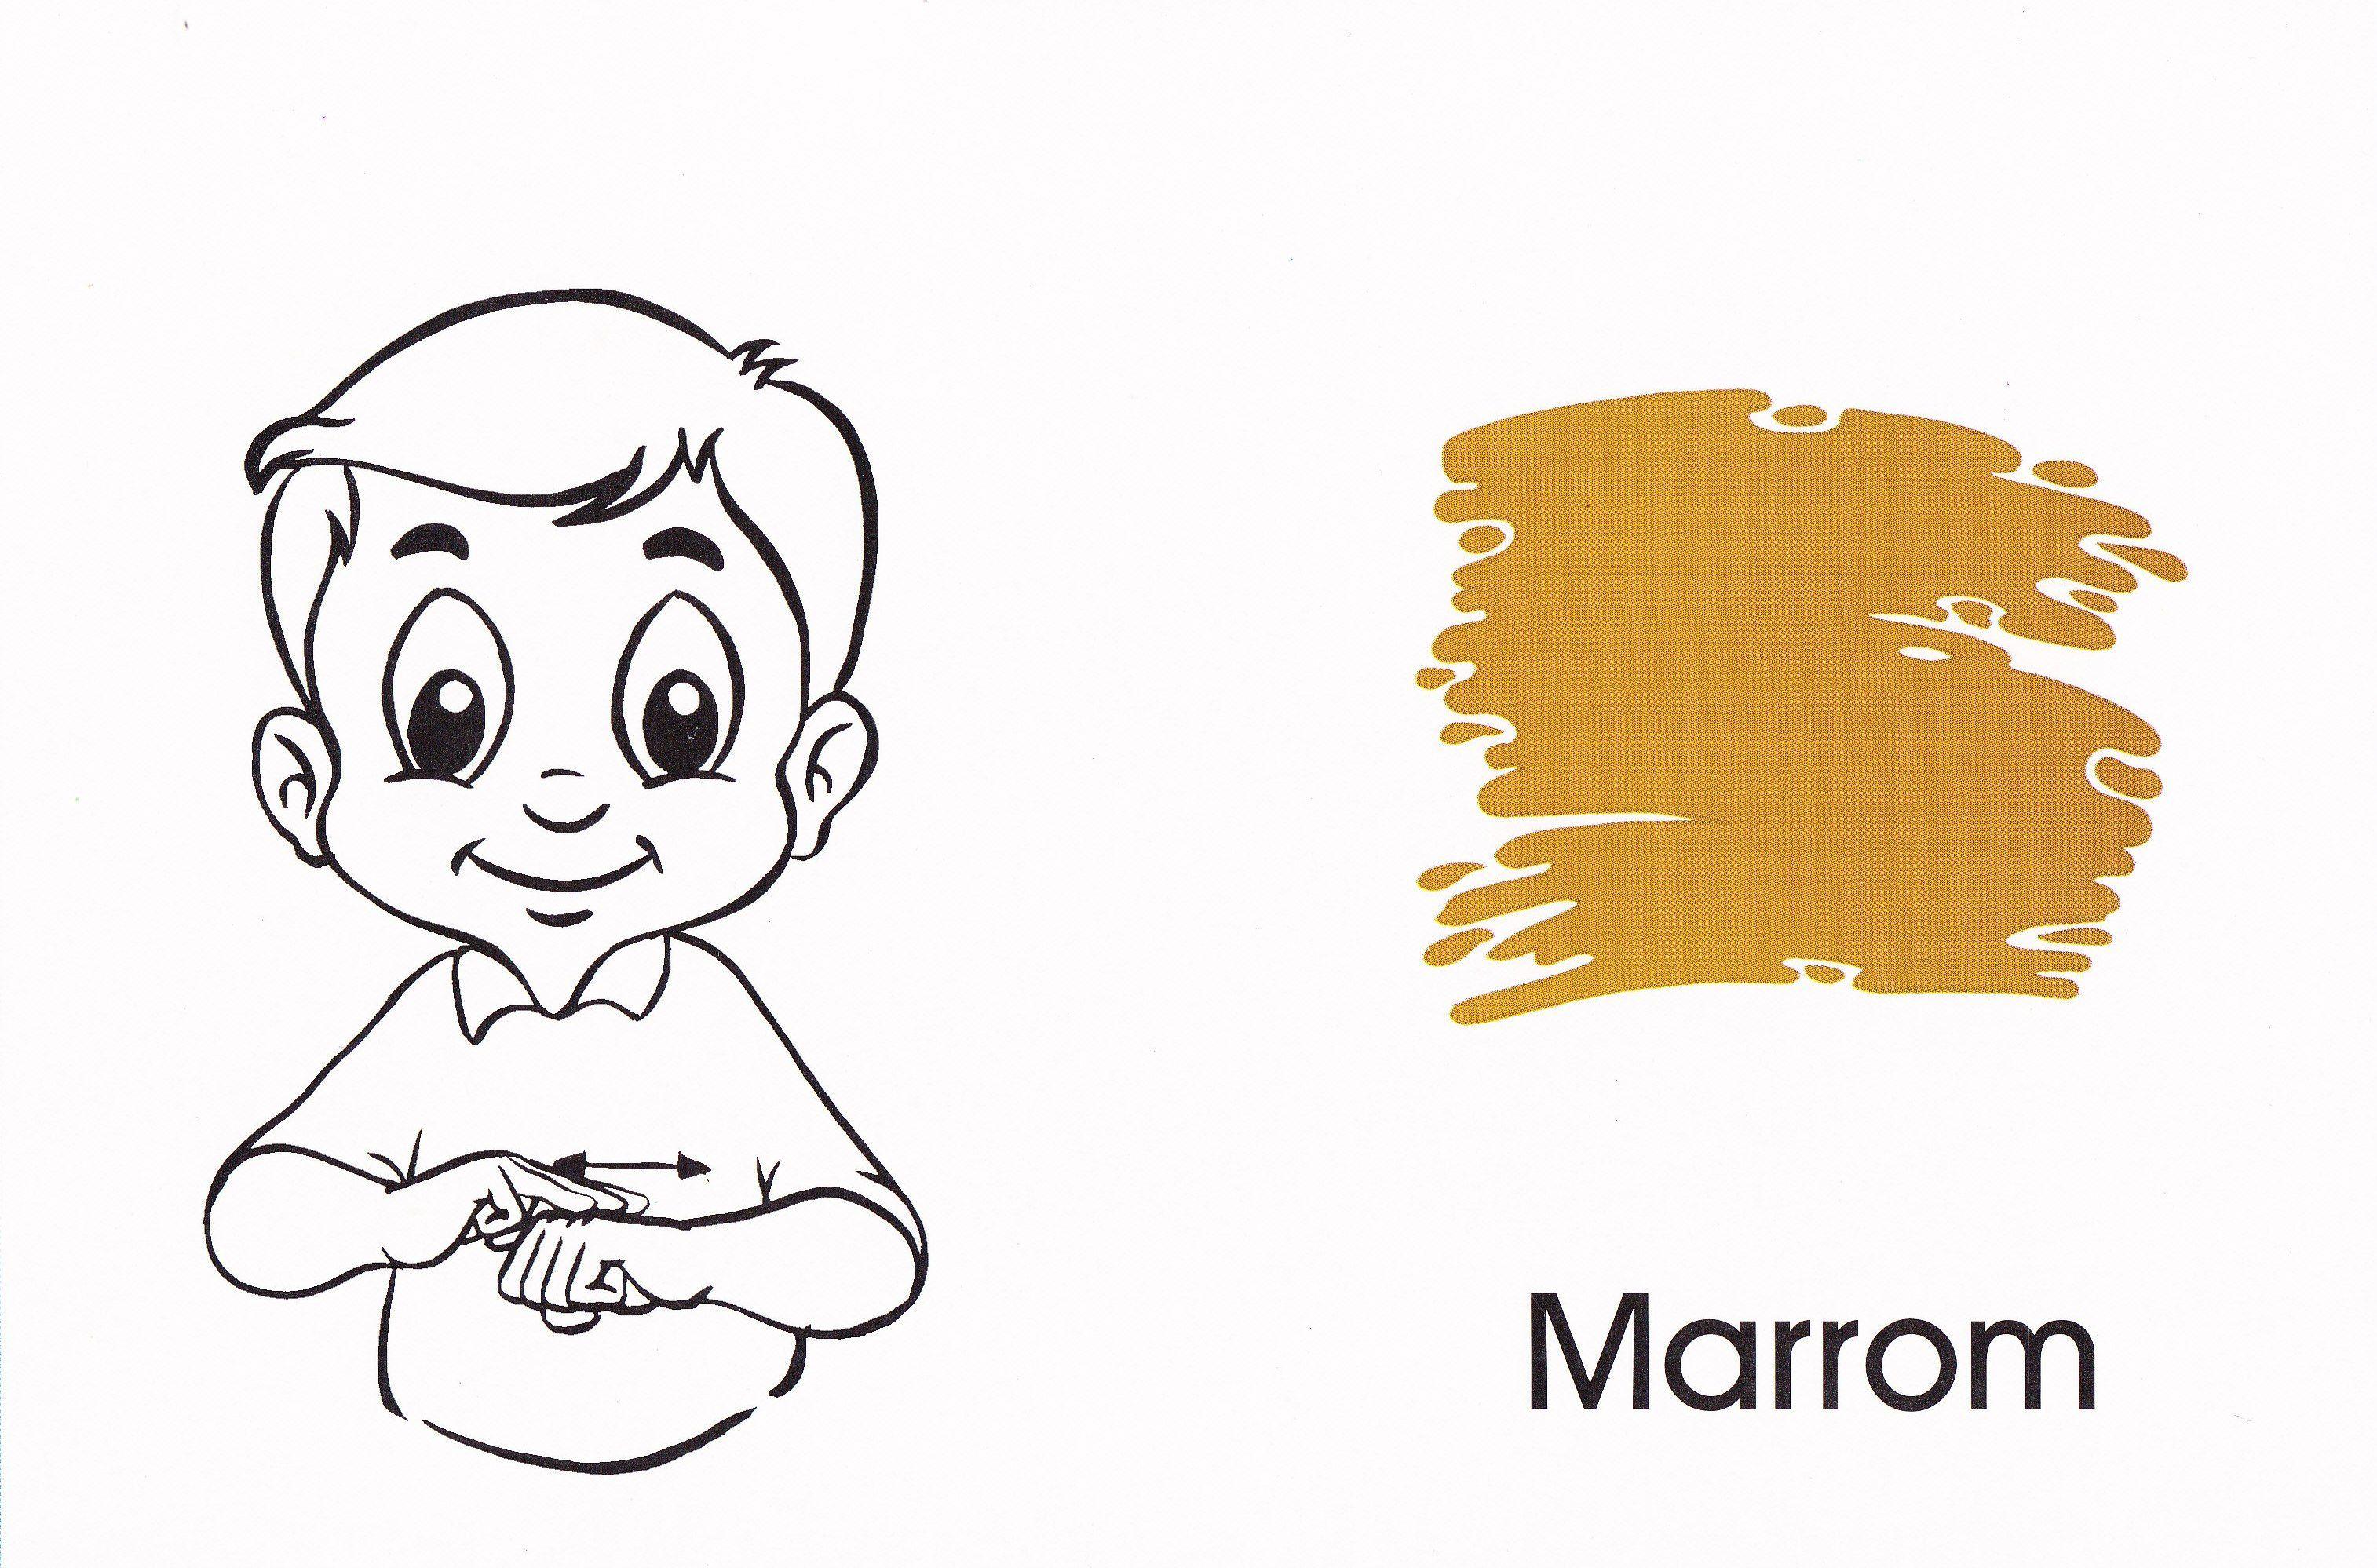 Arquivo apos.cores.doc enviado por Adriano na Unifebe. Sobre: é uma atividade e com a imagem das cores em libras